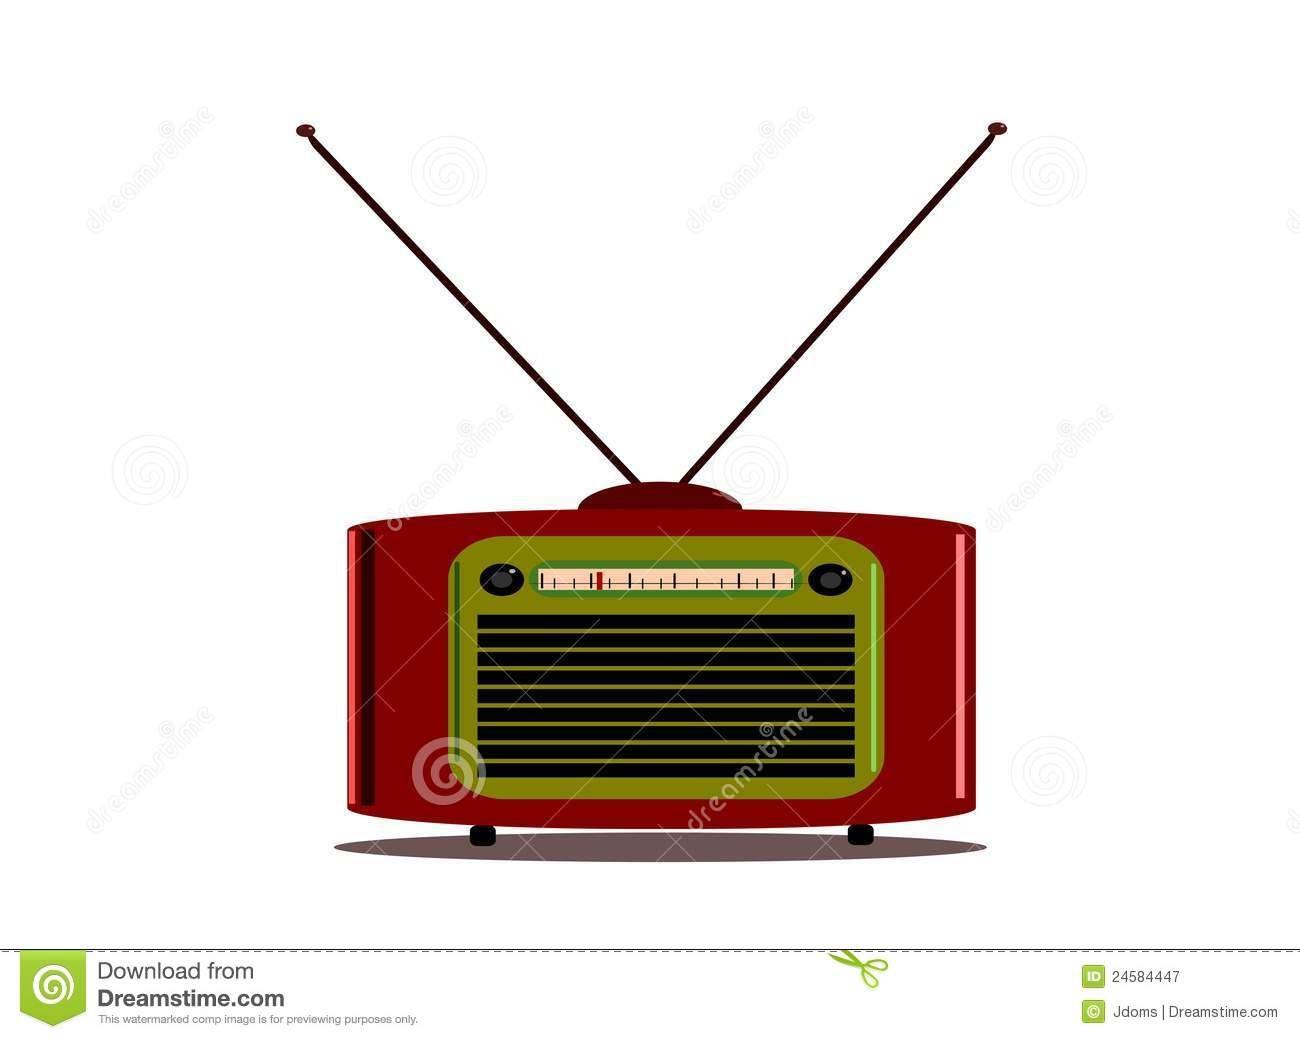 Radio De La Vendimia Con La Antena Fotografía de archivo libre de regalías - Imagen: 24584447